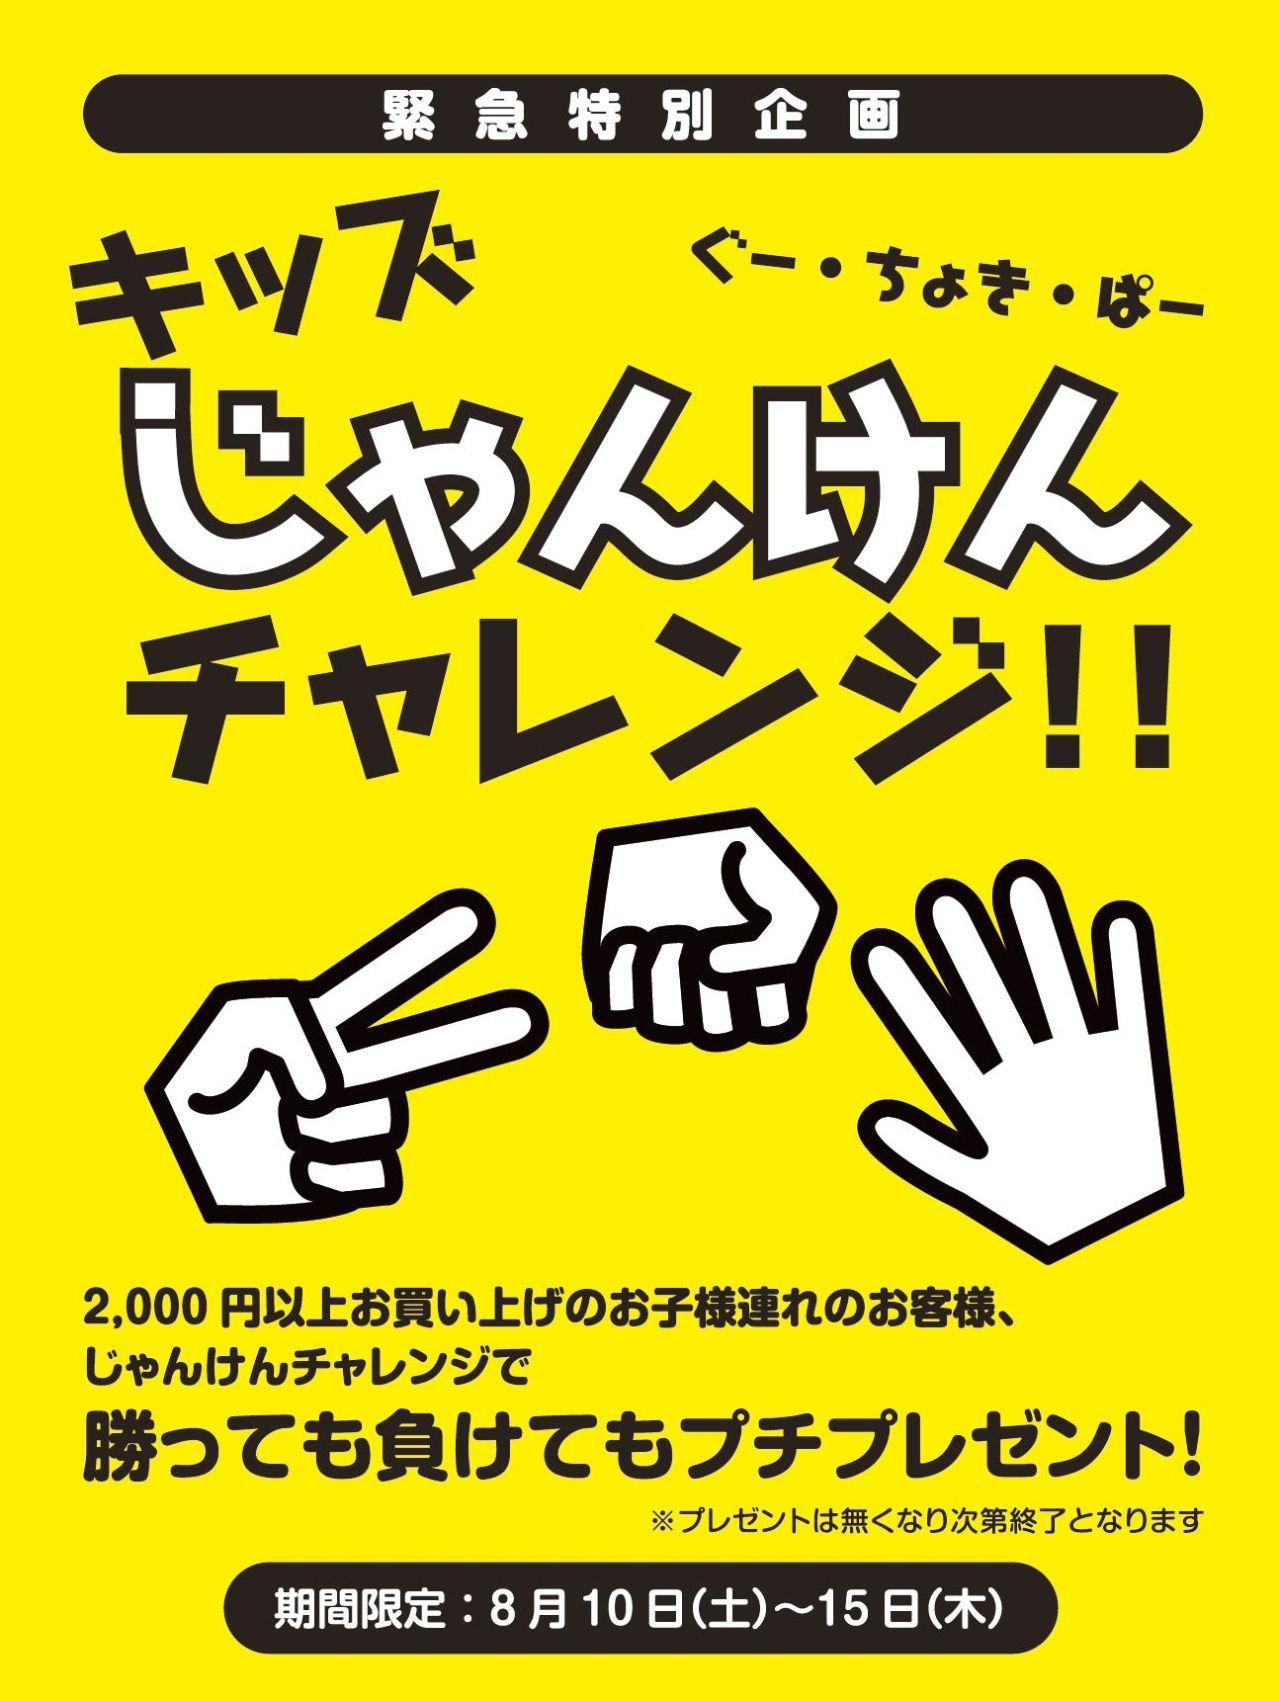 「【お盆休み】じゃんけんチャレンジ【キャンペーン】」の写真